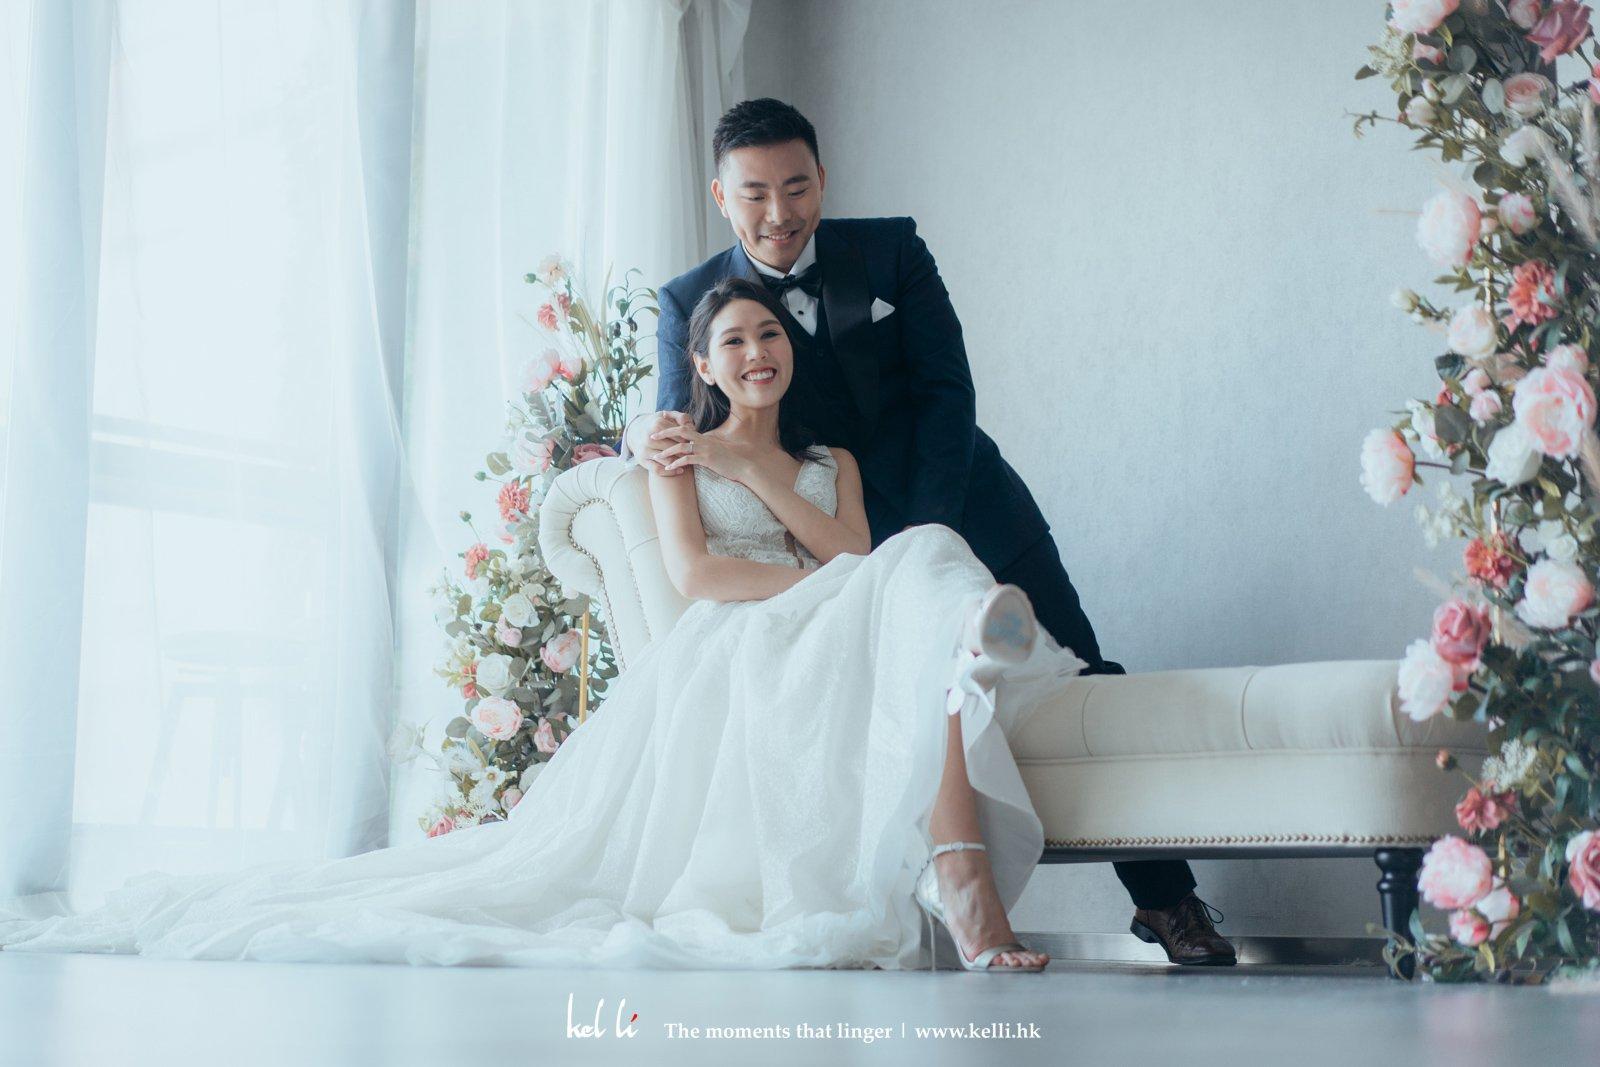 自然光線配上簡潔花牆,拍上溫馨而有溫度的婚紗照。